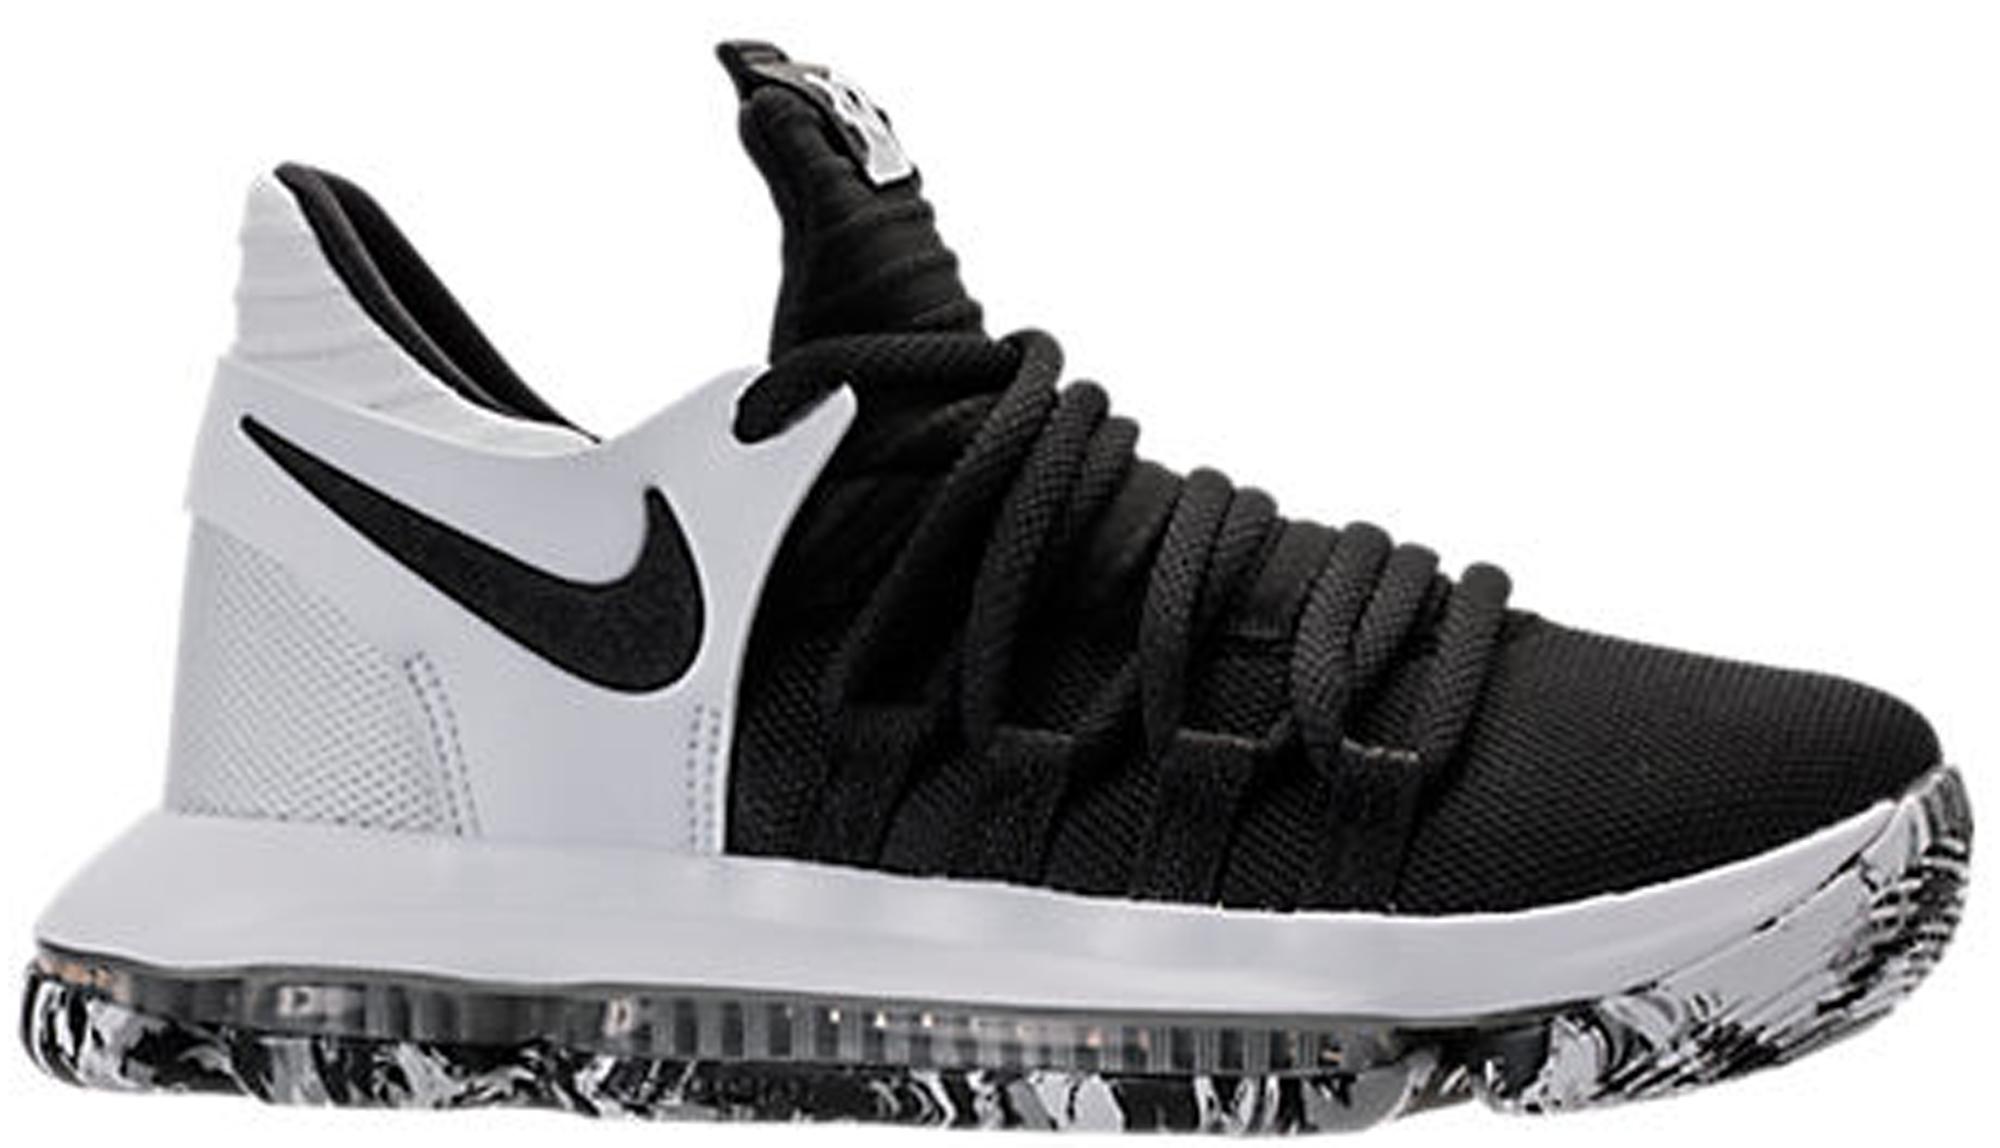 Nike KD 10 Black White (GS) - 918365-008